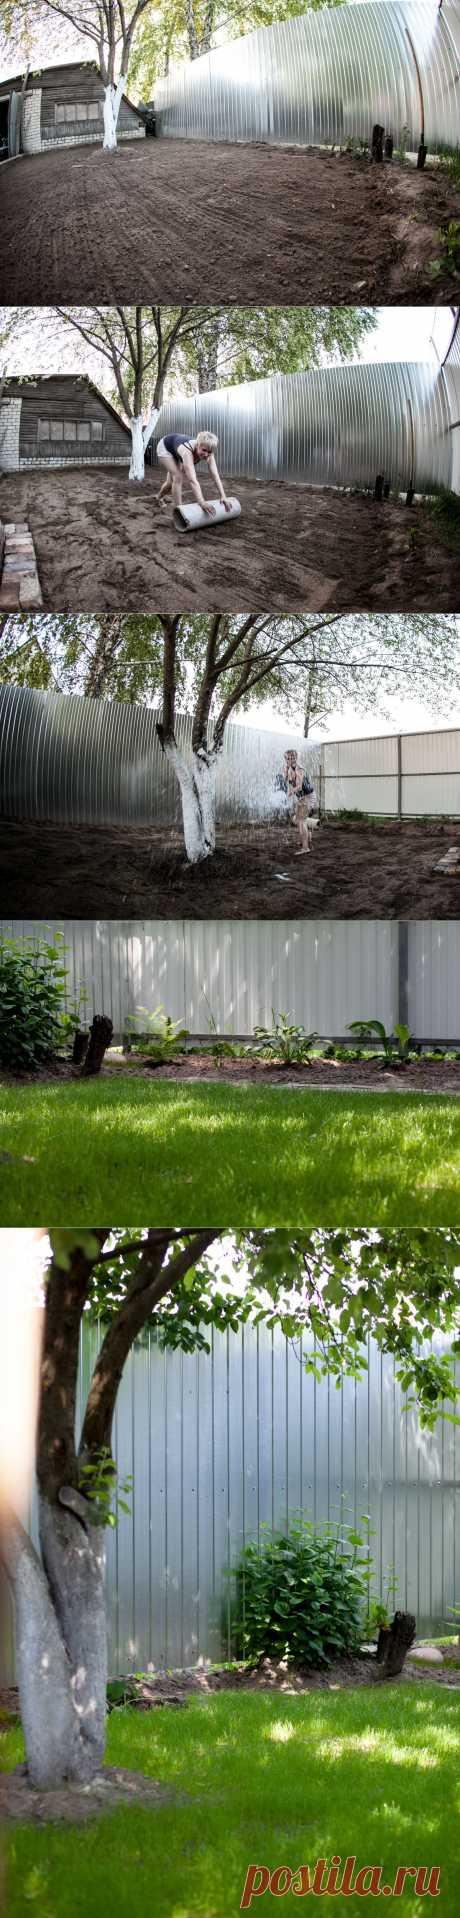 Мой первый газон.Уж очень мне захотелось посадить у себя в саду зелёный газон, пришлось хорошенечко постараться и приложить массу усилий, самое тяжёлое было перекапать участок и удалить  ненужные корни, сделать ровной поверхность участка, правильно посадить, полить и ждать когда же взойдёт, получилось,  хотя до отличного газона ещё далеко.